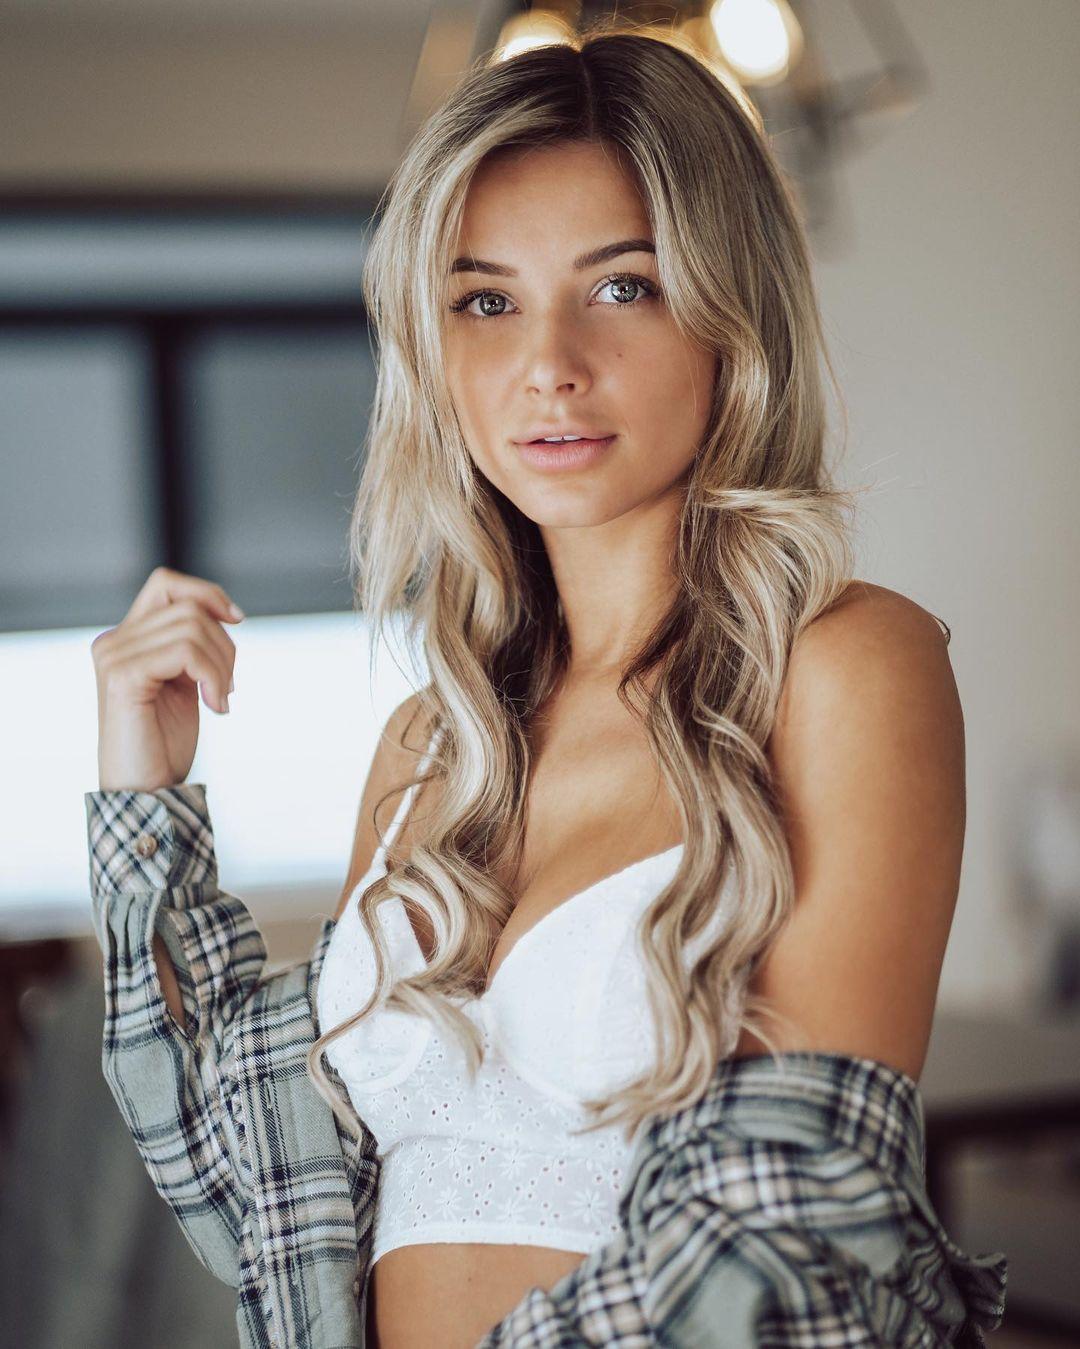 Canadian Instagram Model DP